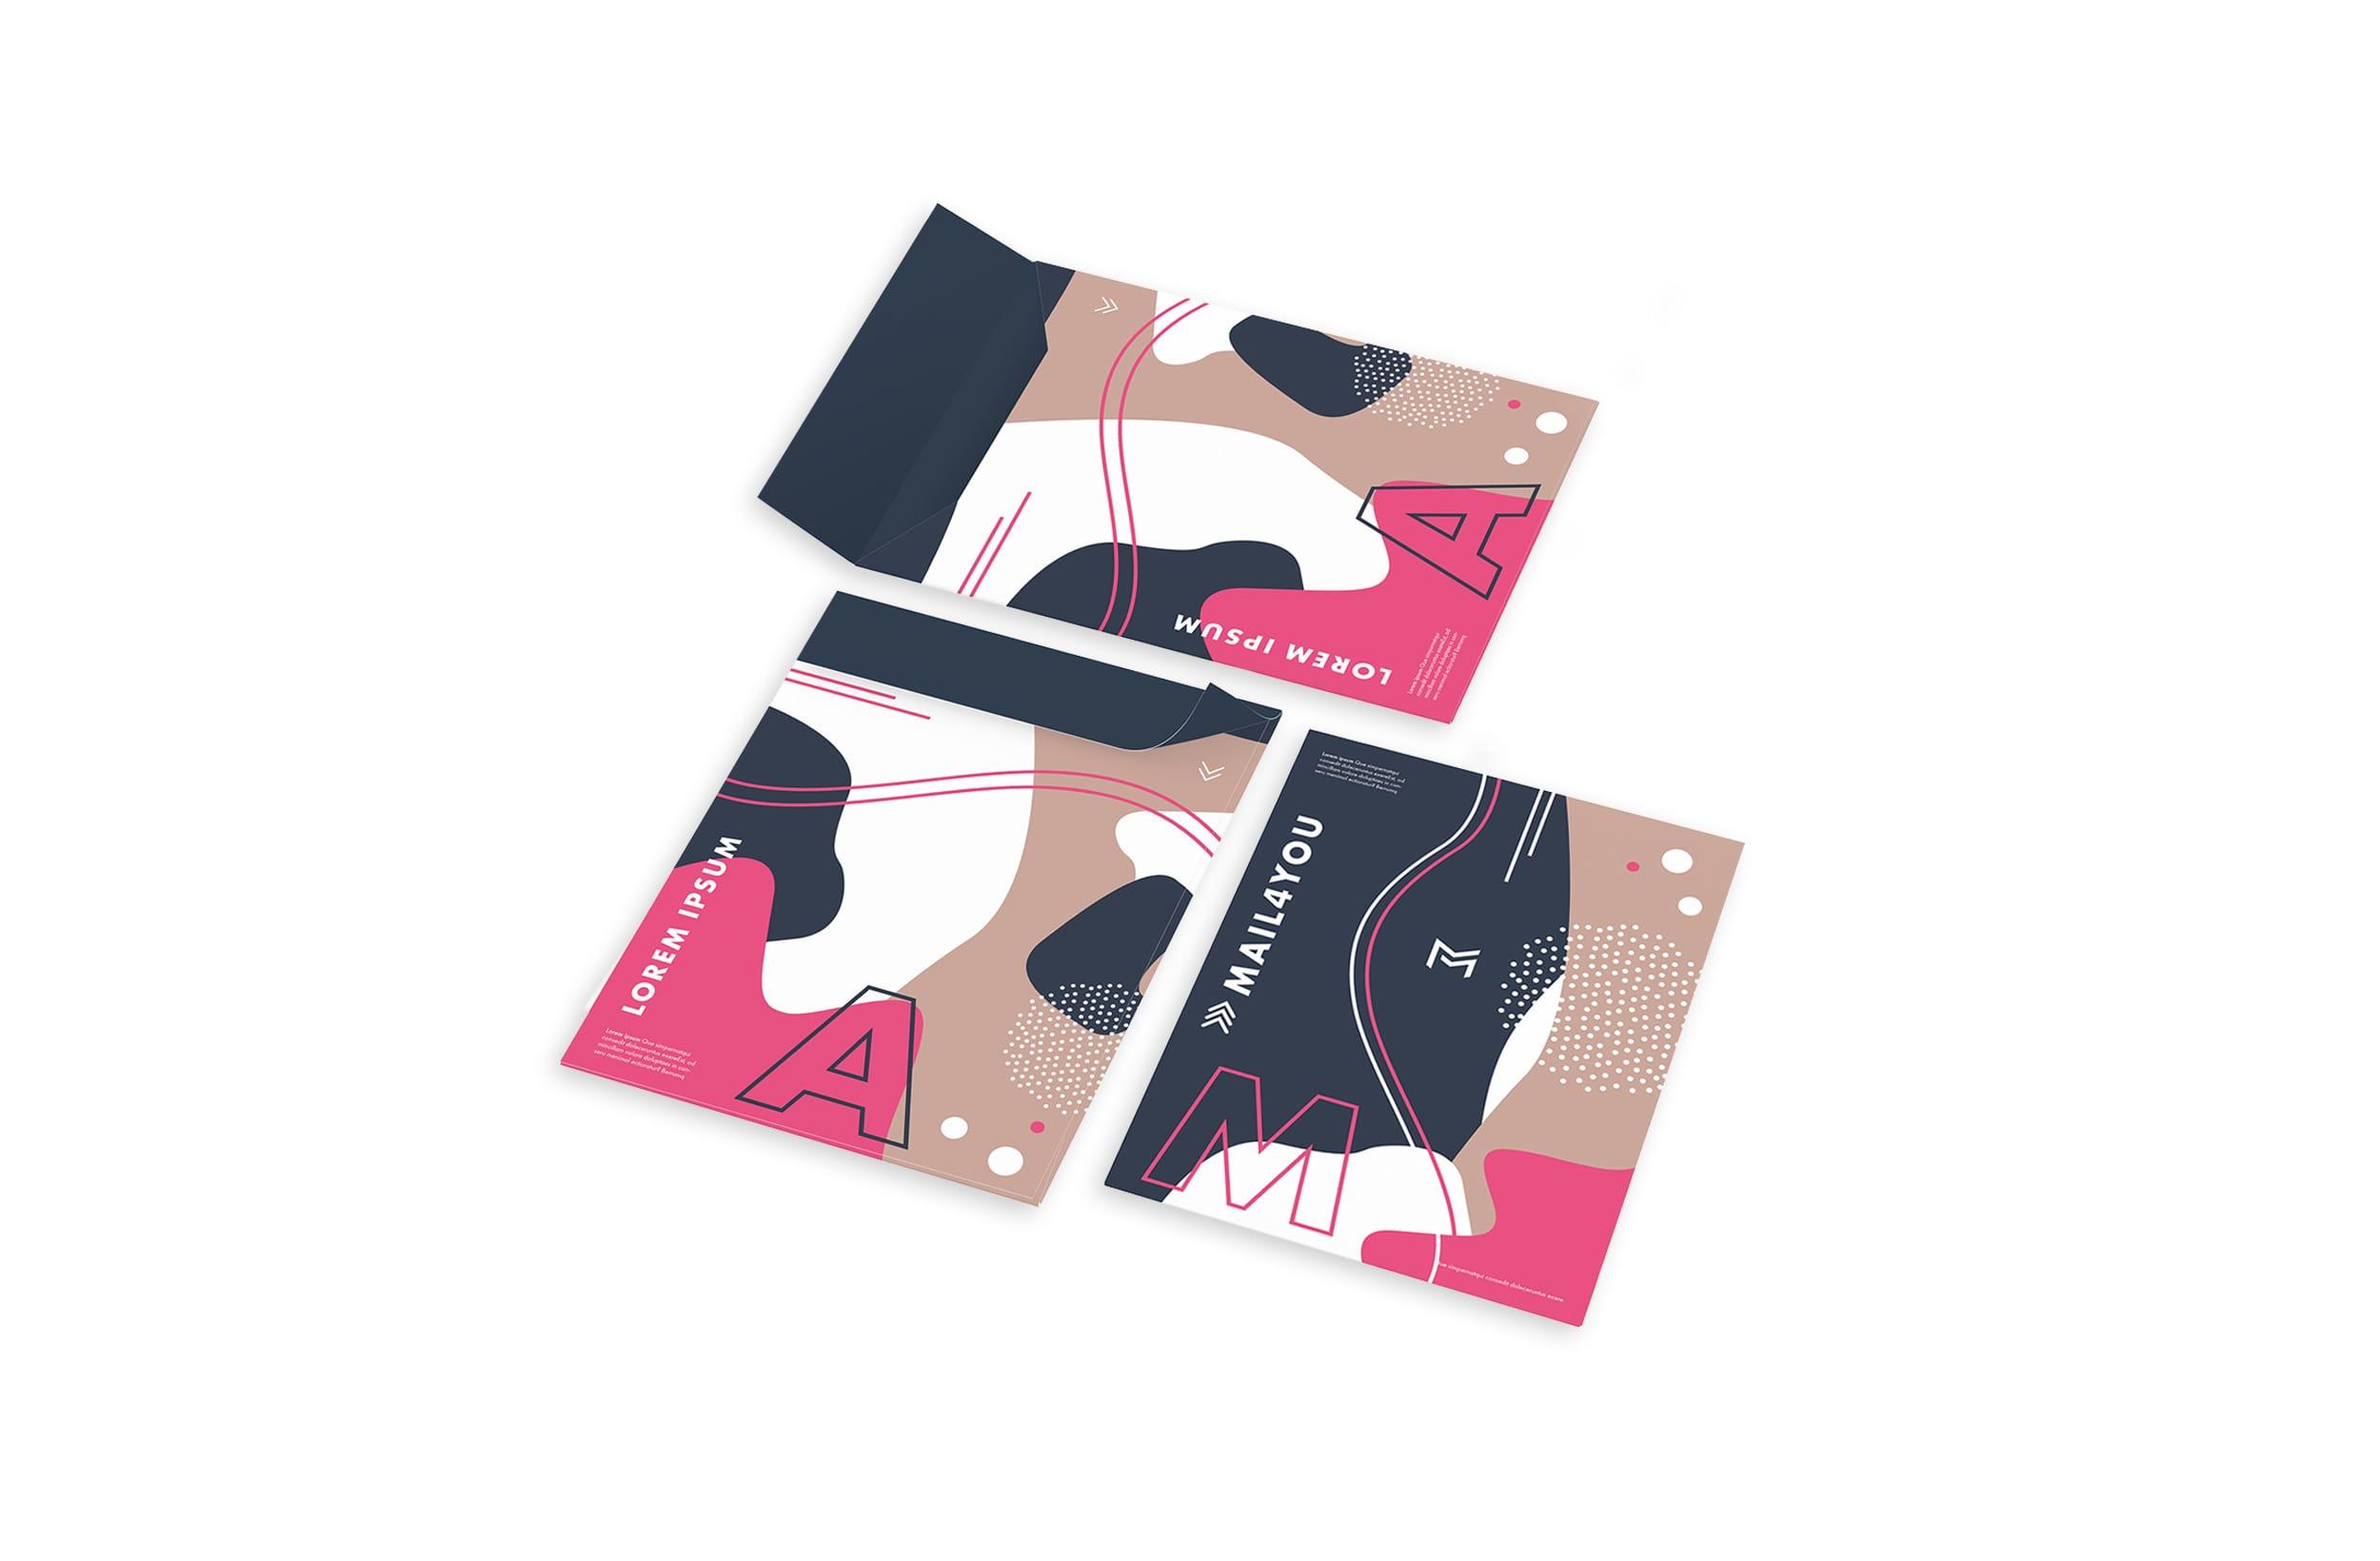 montroit-design-envelope-spc-2-a